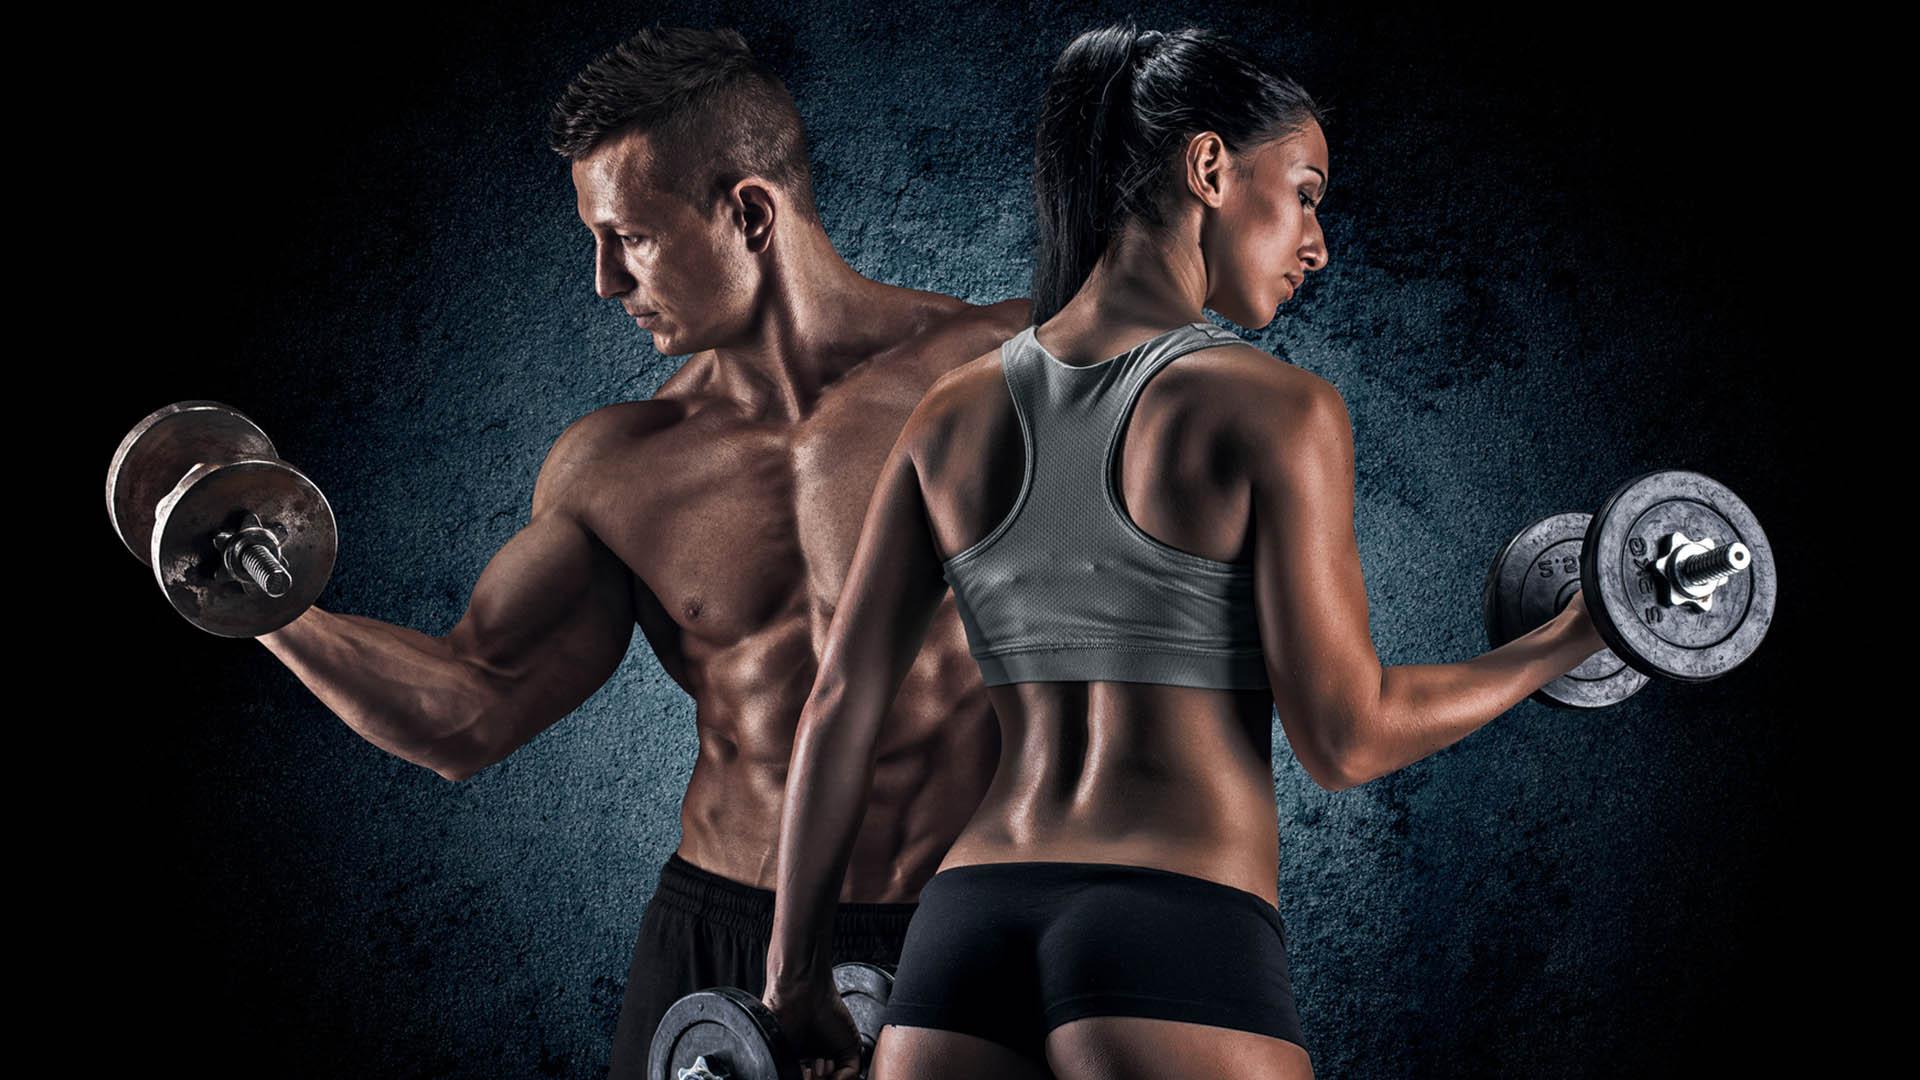 Fitnessstudio wallpaper  Unsere Öffnungszeiten: - Fitnessstudio Luber Hersbruck